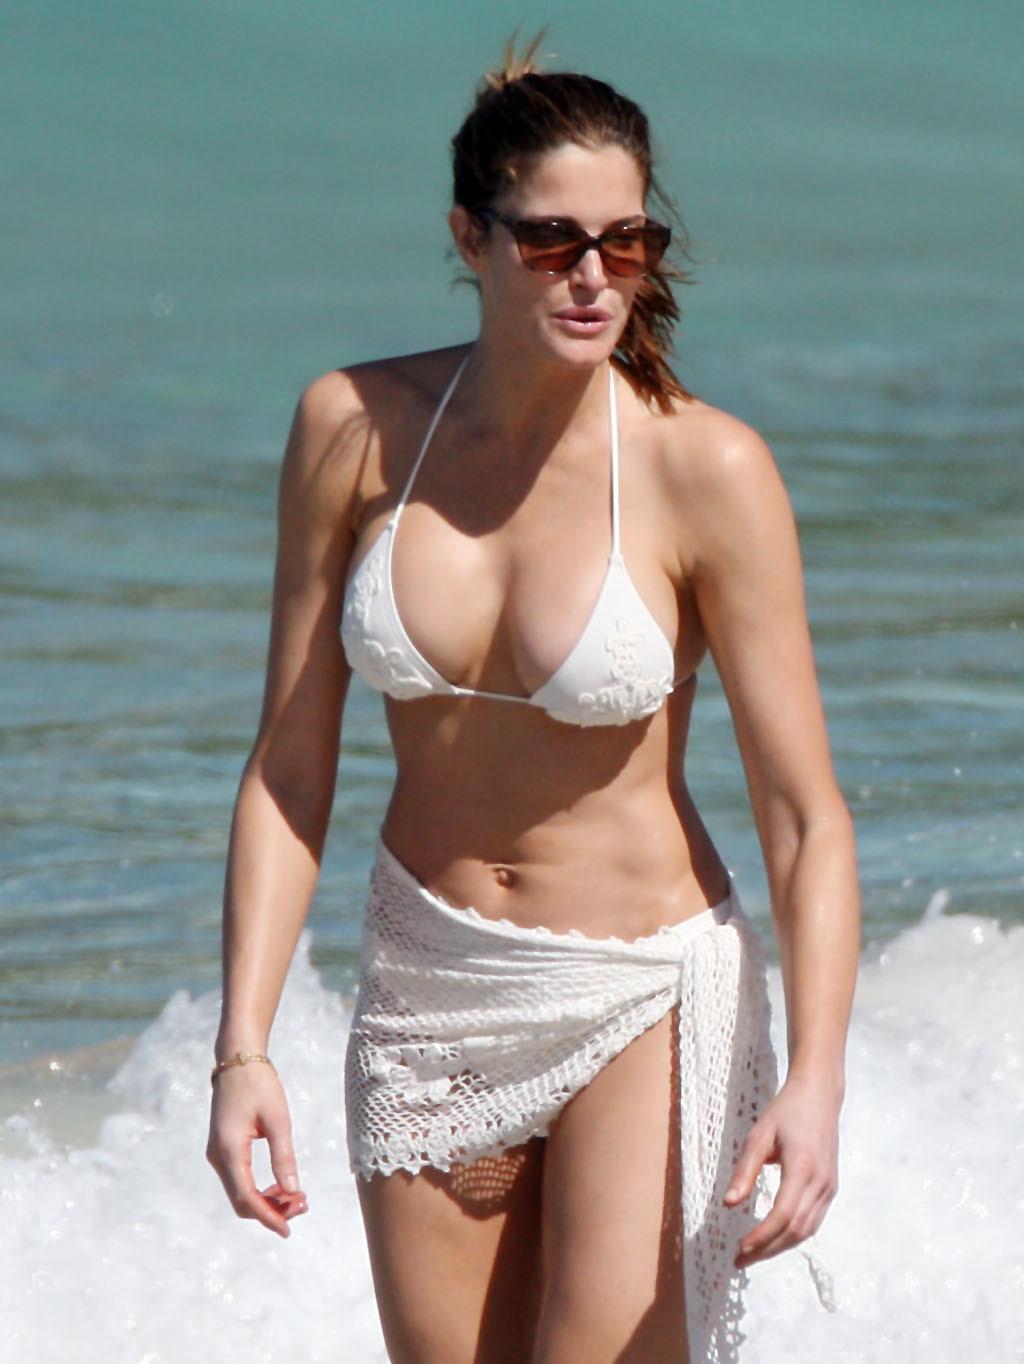 4262 stephanie seymour bikini 1 01 Bbw Lover; Hq Bbw Porn